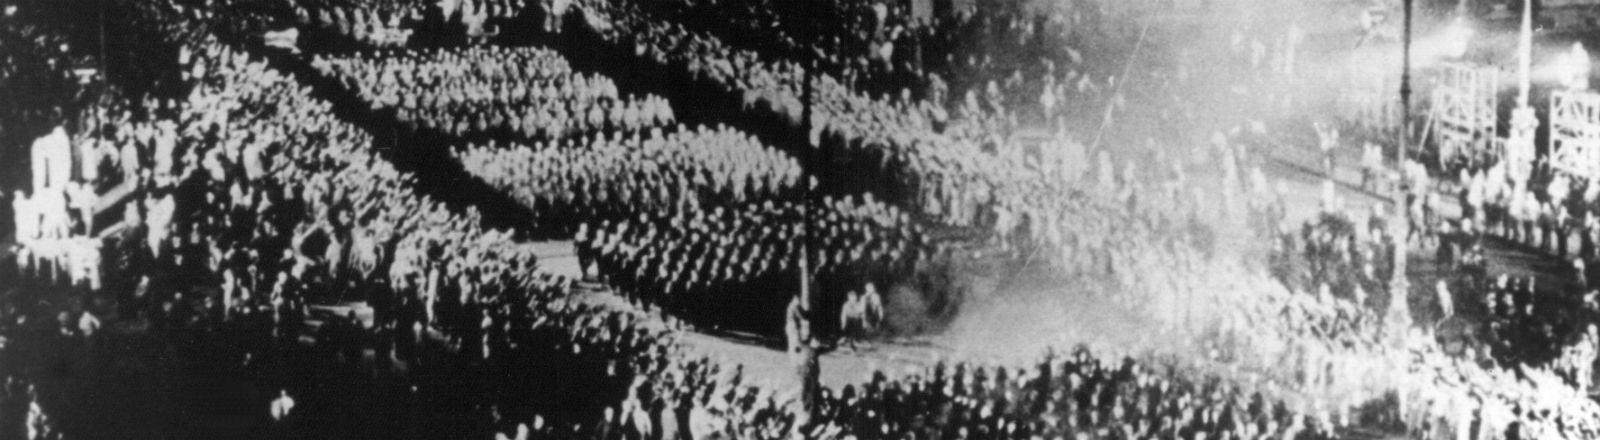 Eine schwarz-weiß Aufnahme, die zeigt, wie die Nazis durch Brandenburger Tor marschieren. Bild: dpa